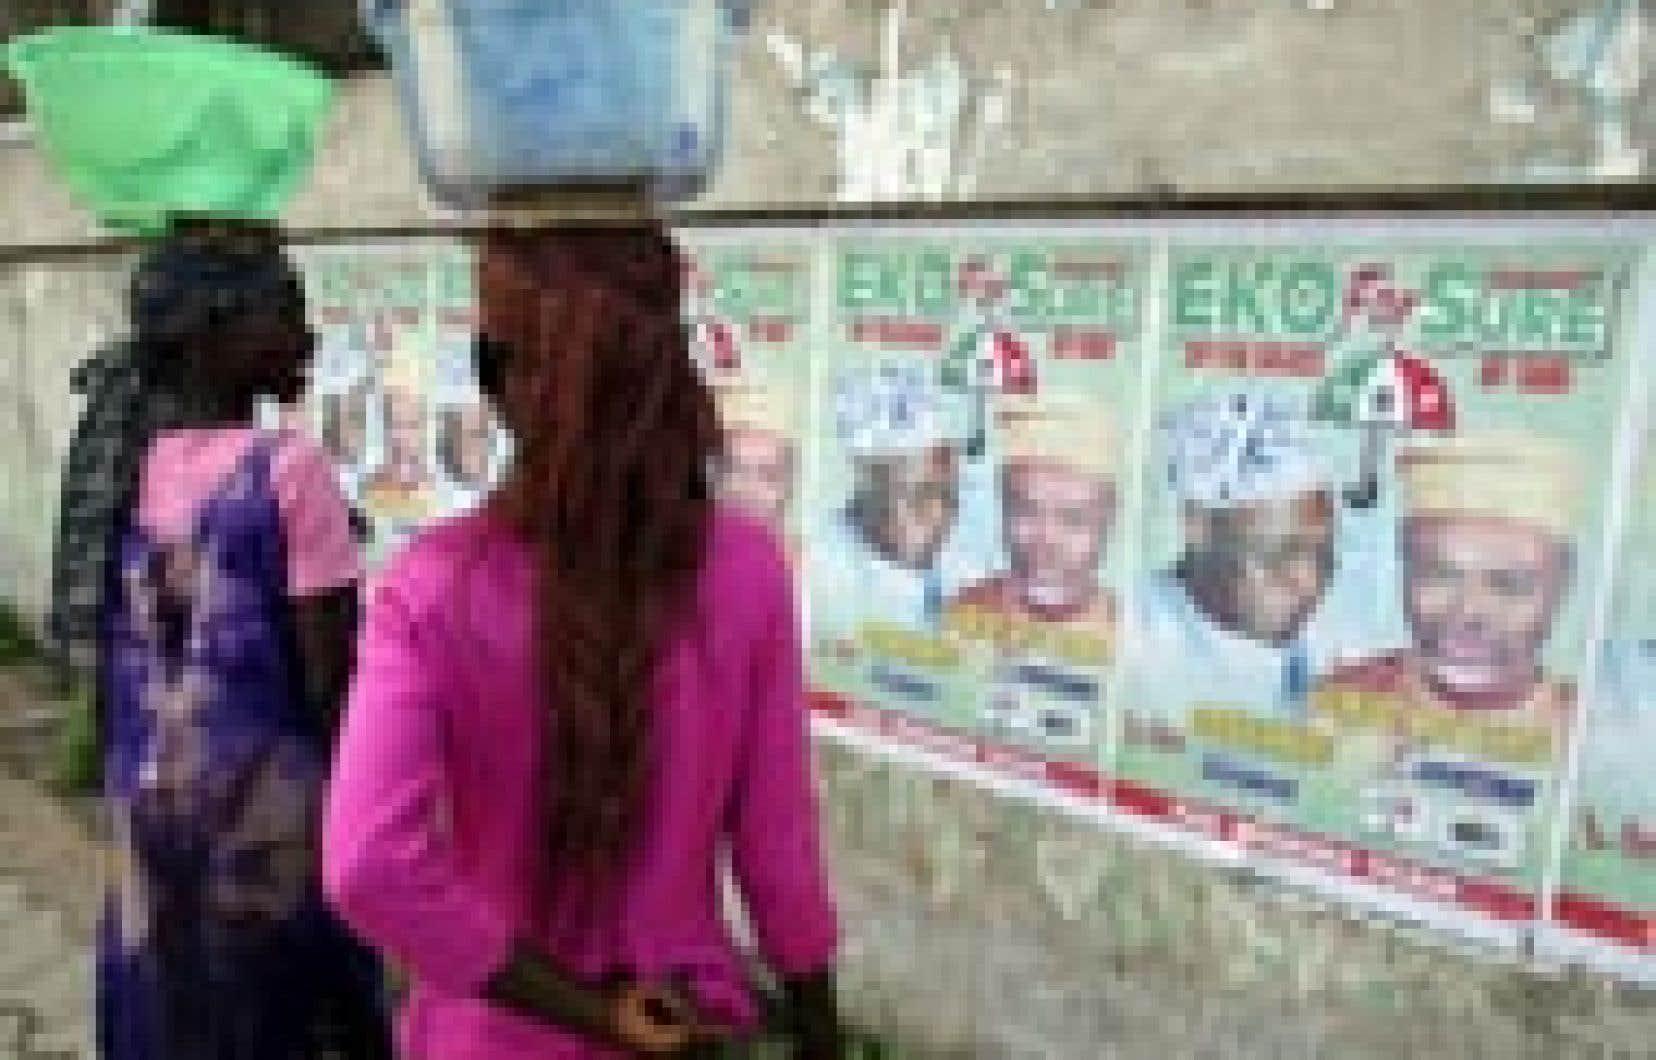 Deux femmes dans les rues de Lagos. Le Nigeria, un des deux principaux producteurs africains de pétrole, a, selon les calculs de l'Organisation des Nations unies, un indice de développement humain (0,453) inférieur à la moyenne de ceux des pays à